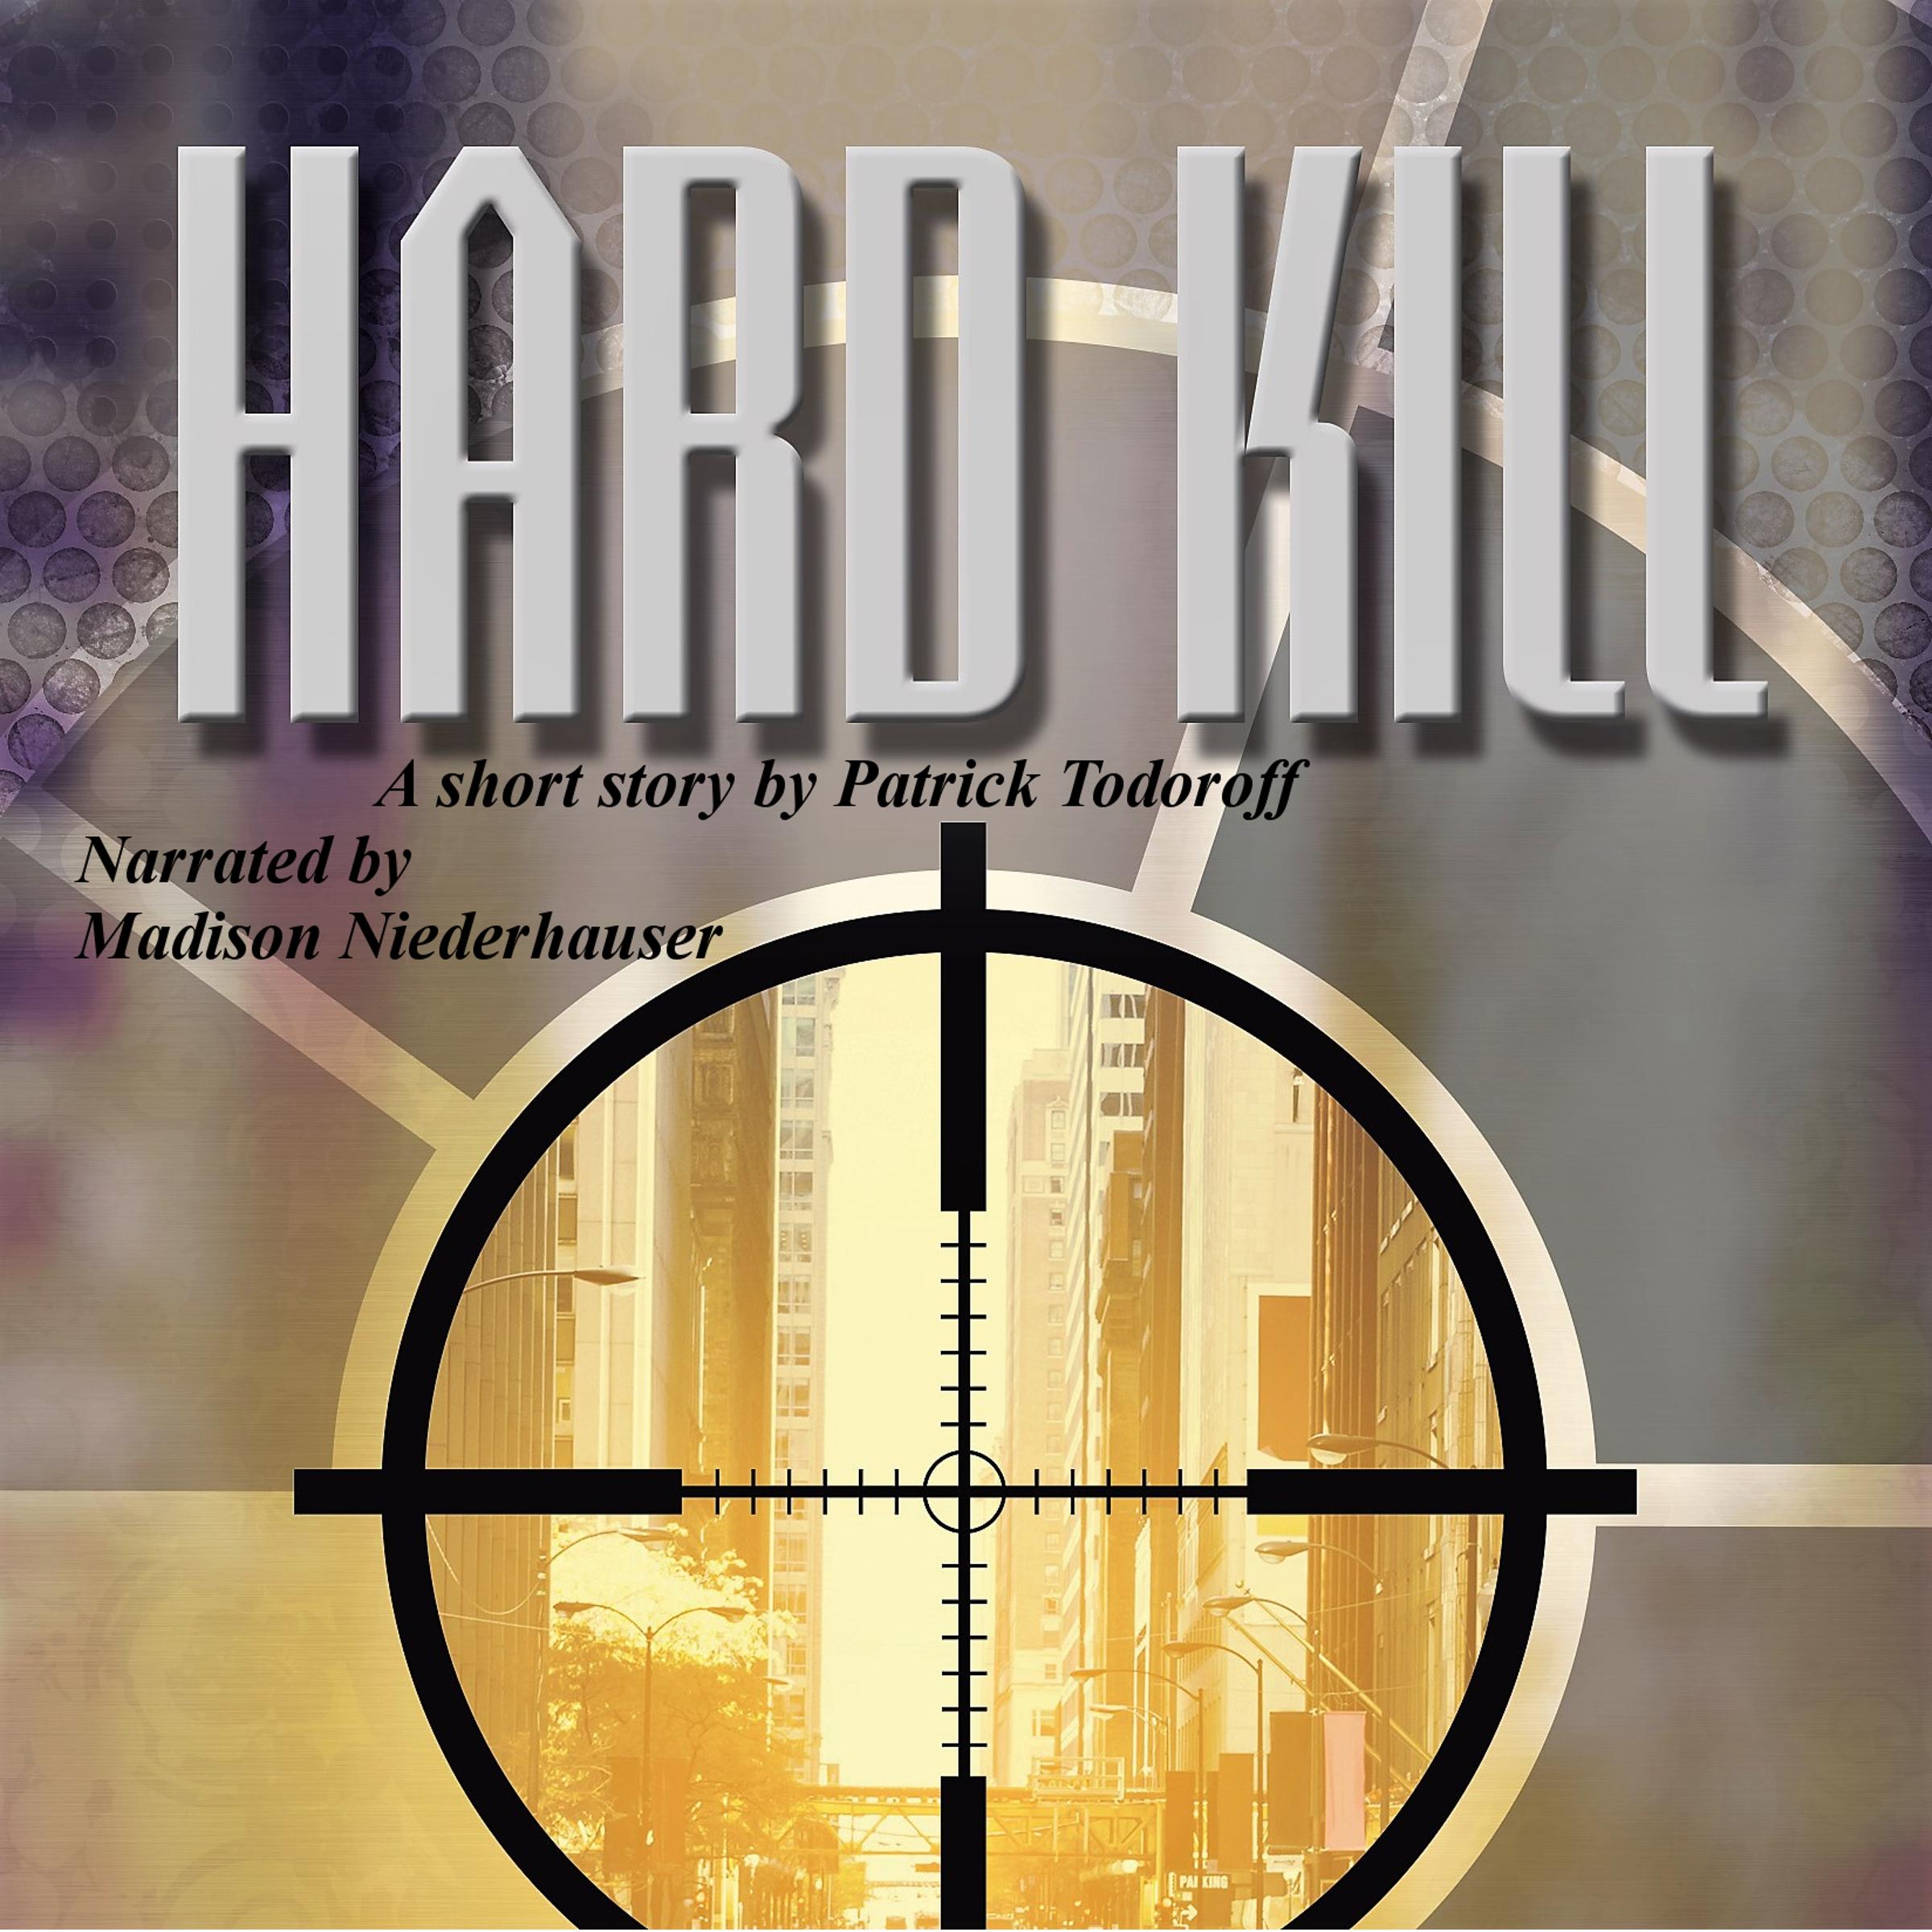 HardKill-Book-CoverAudio2